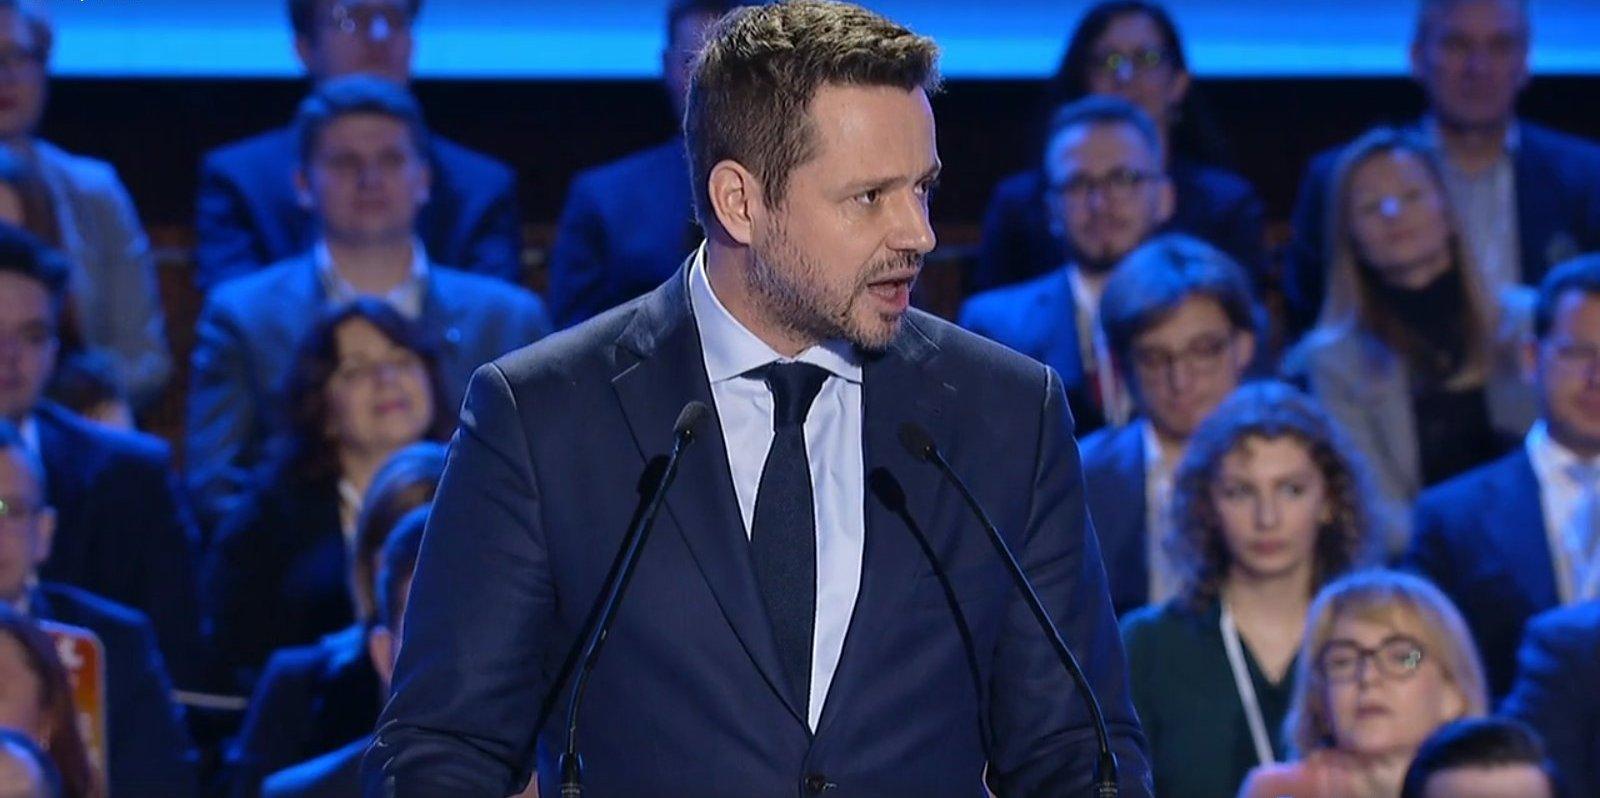 propolski.pl: Trzaskowski: by zakończyć rządy PiS, mogę współpracować nawet z Gowinem